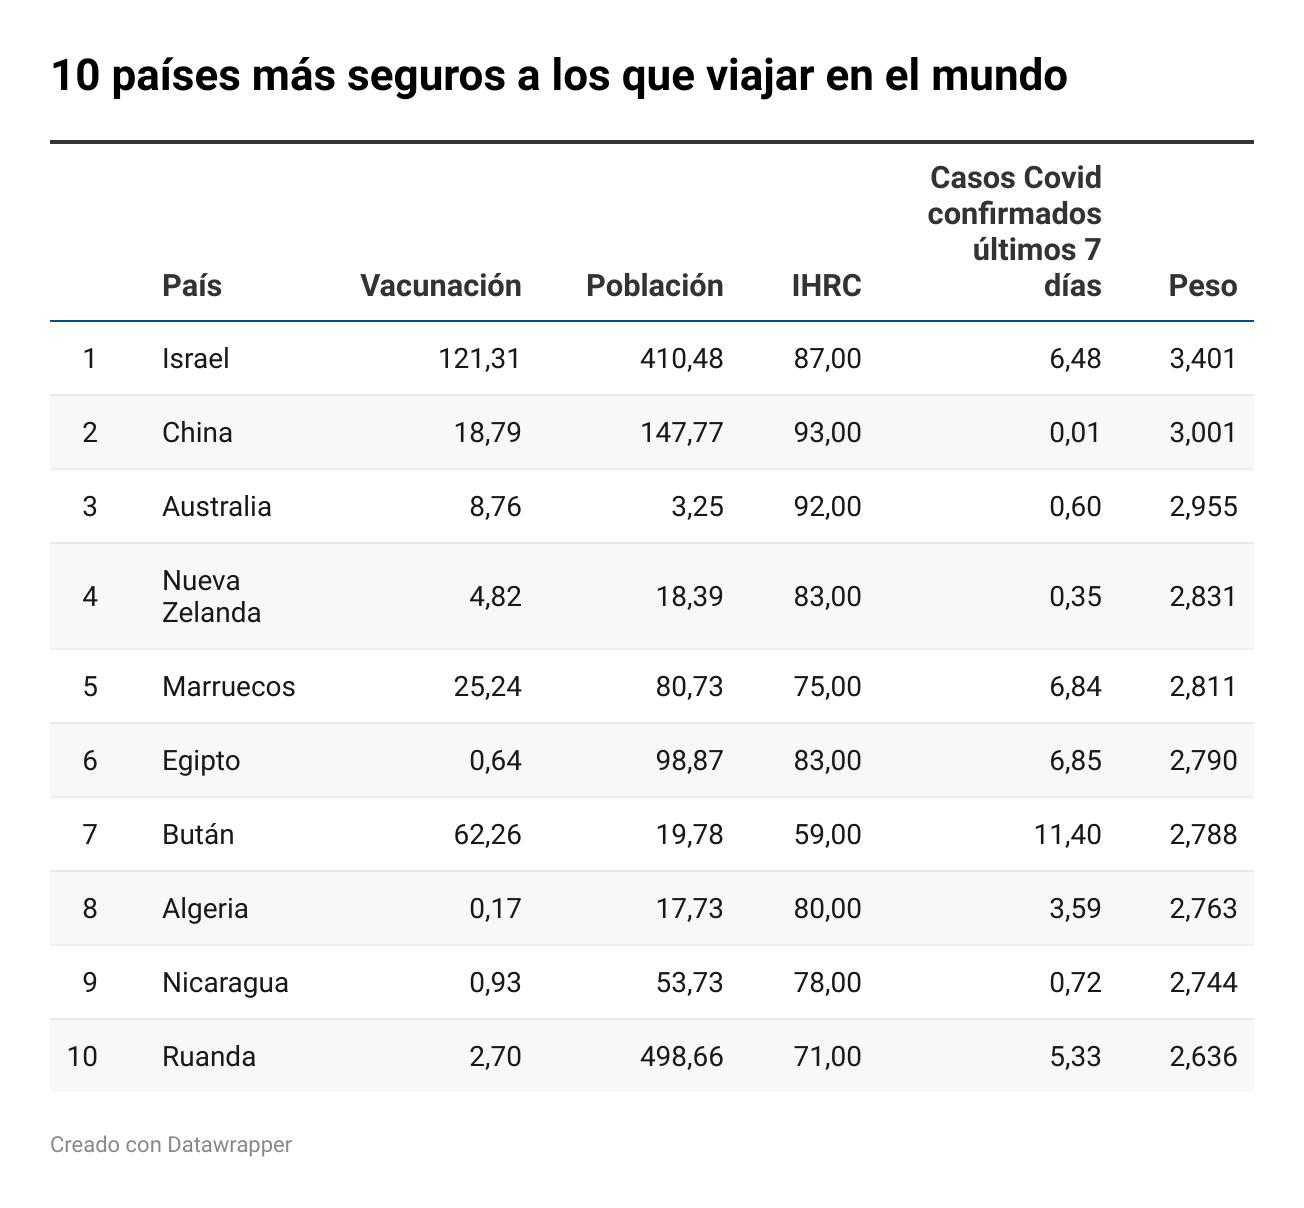 Fotografia Los diez países más seguros a los que viajar del mundo